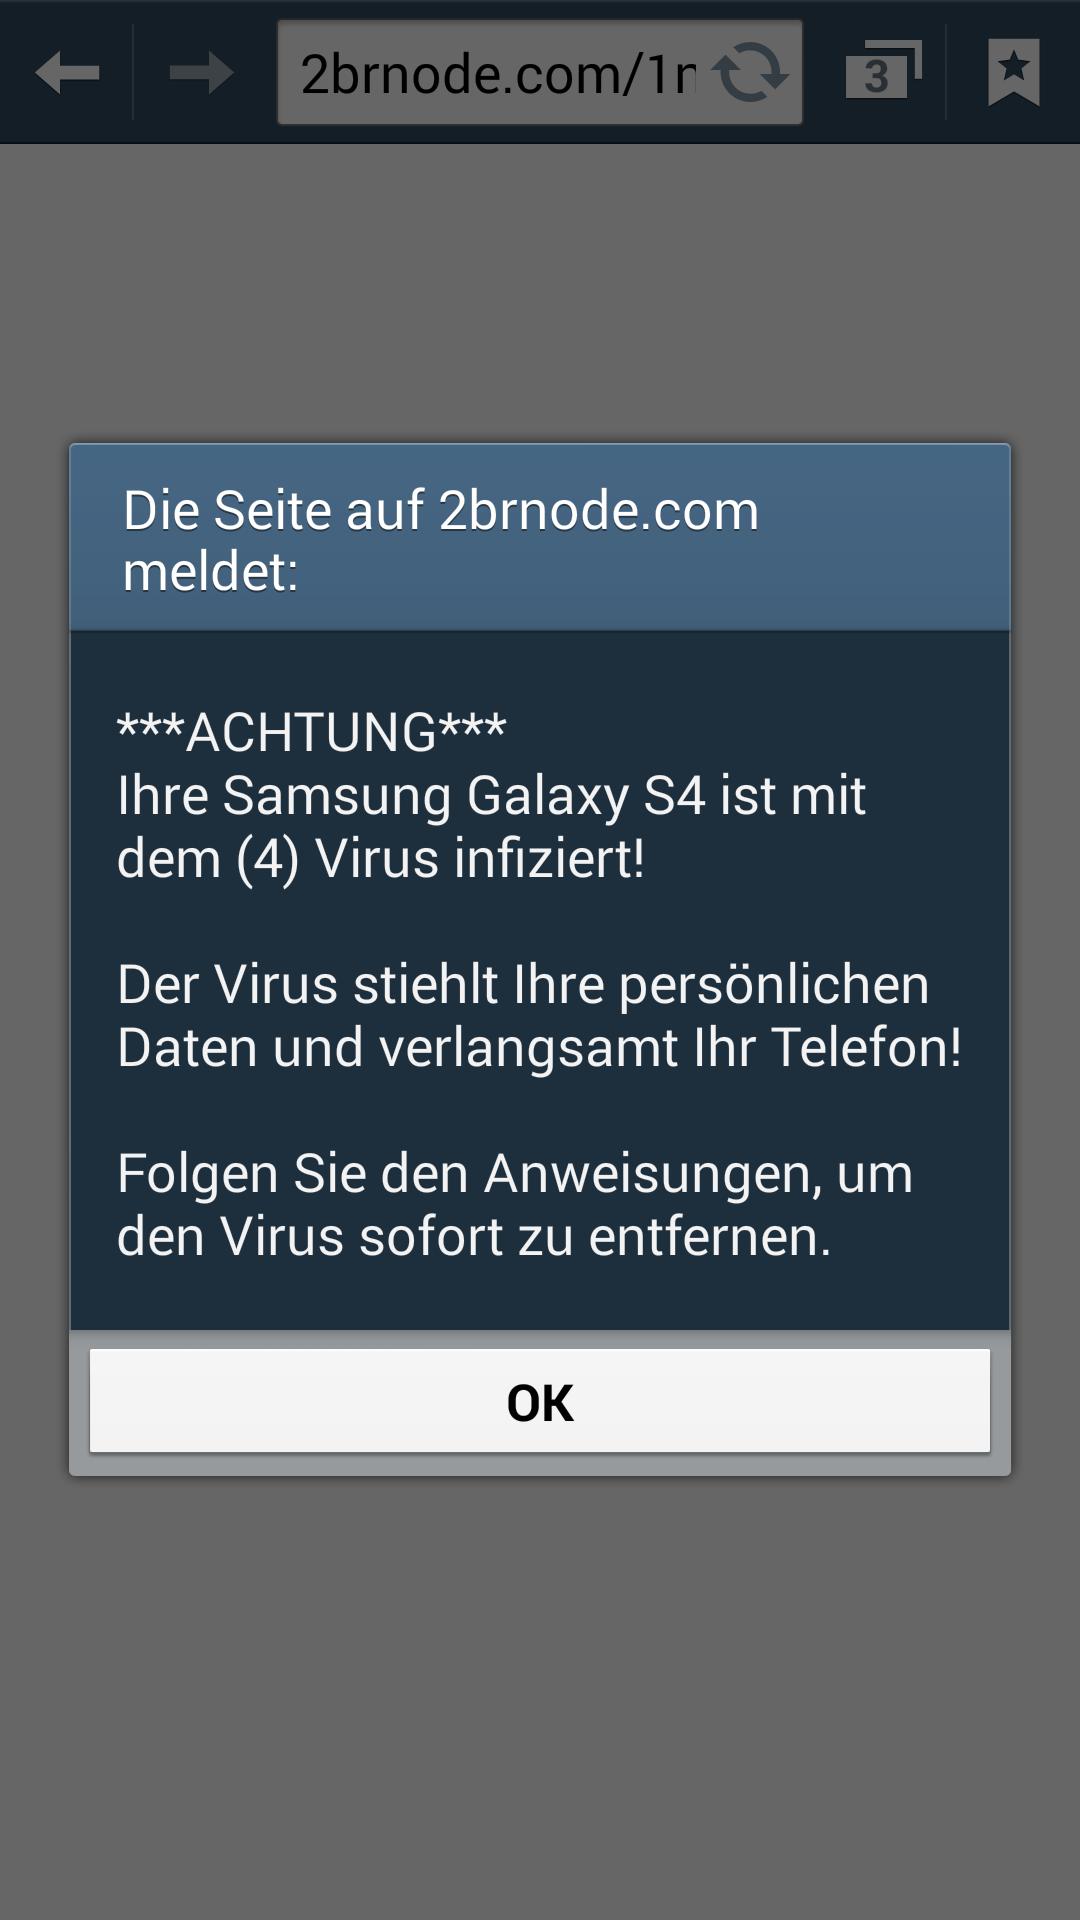 Samsung Virusmeldung